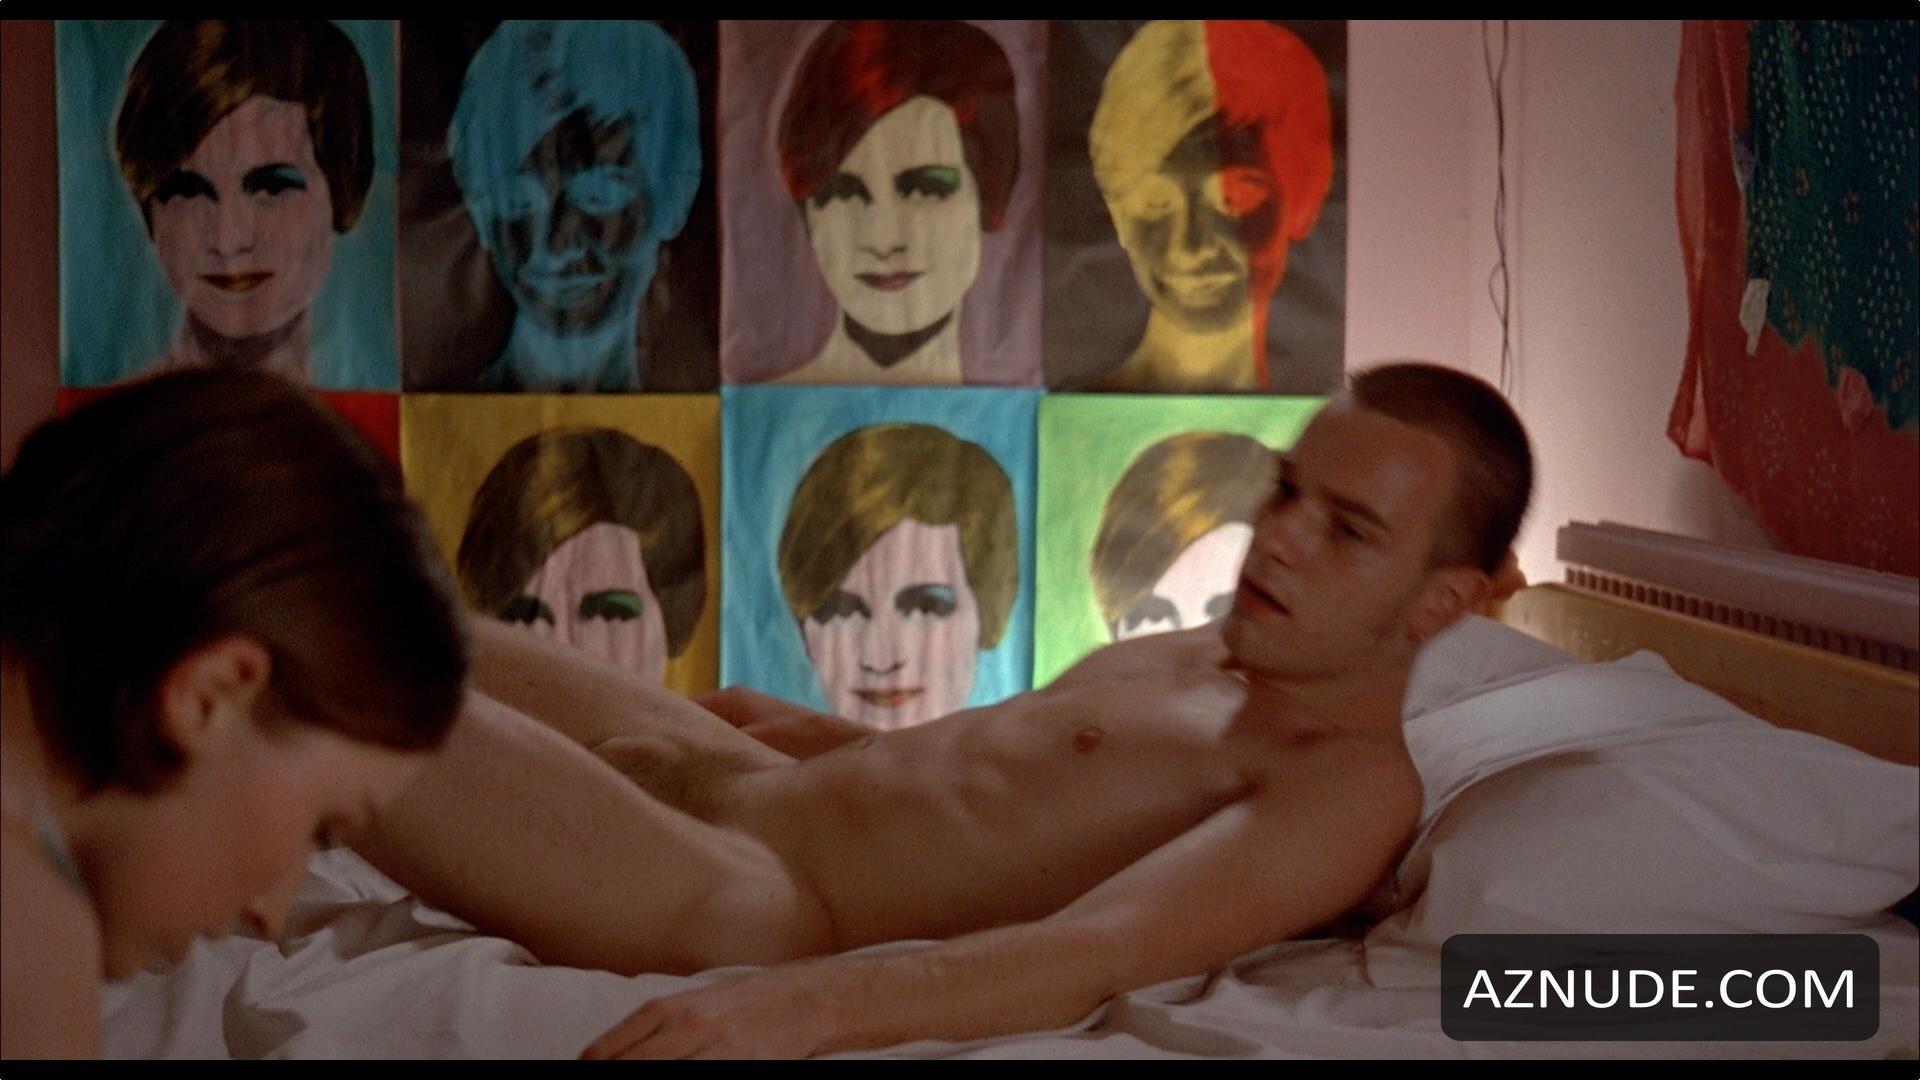 Acid sex scene 1 - 2 part 2